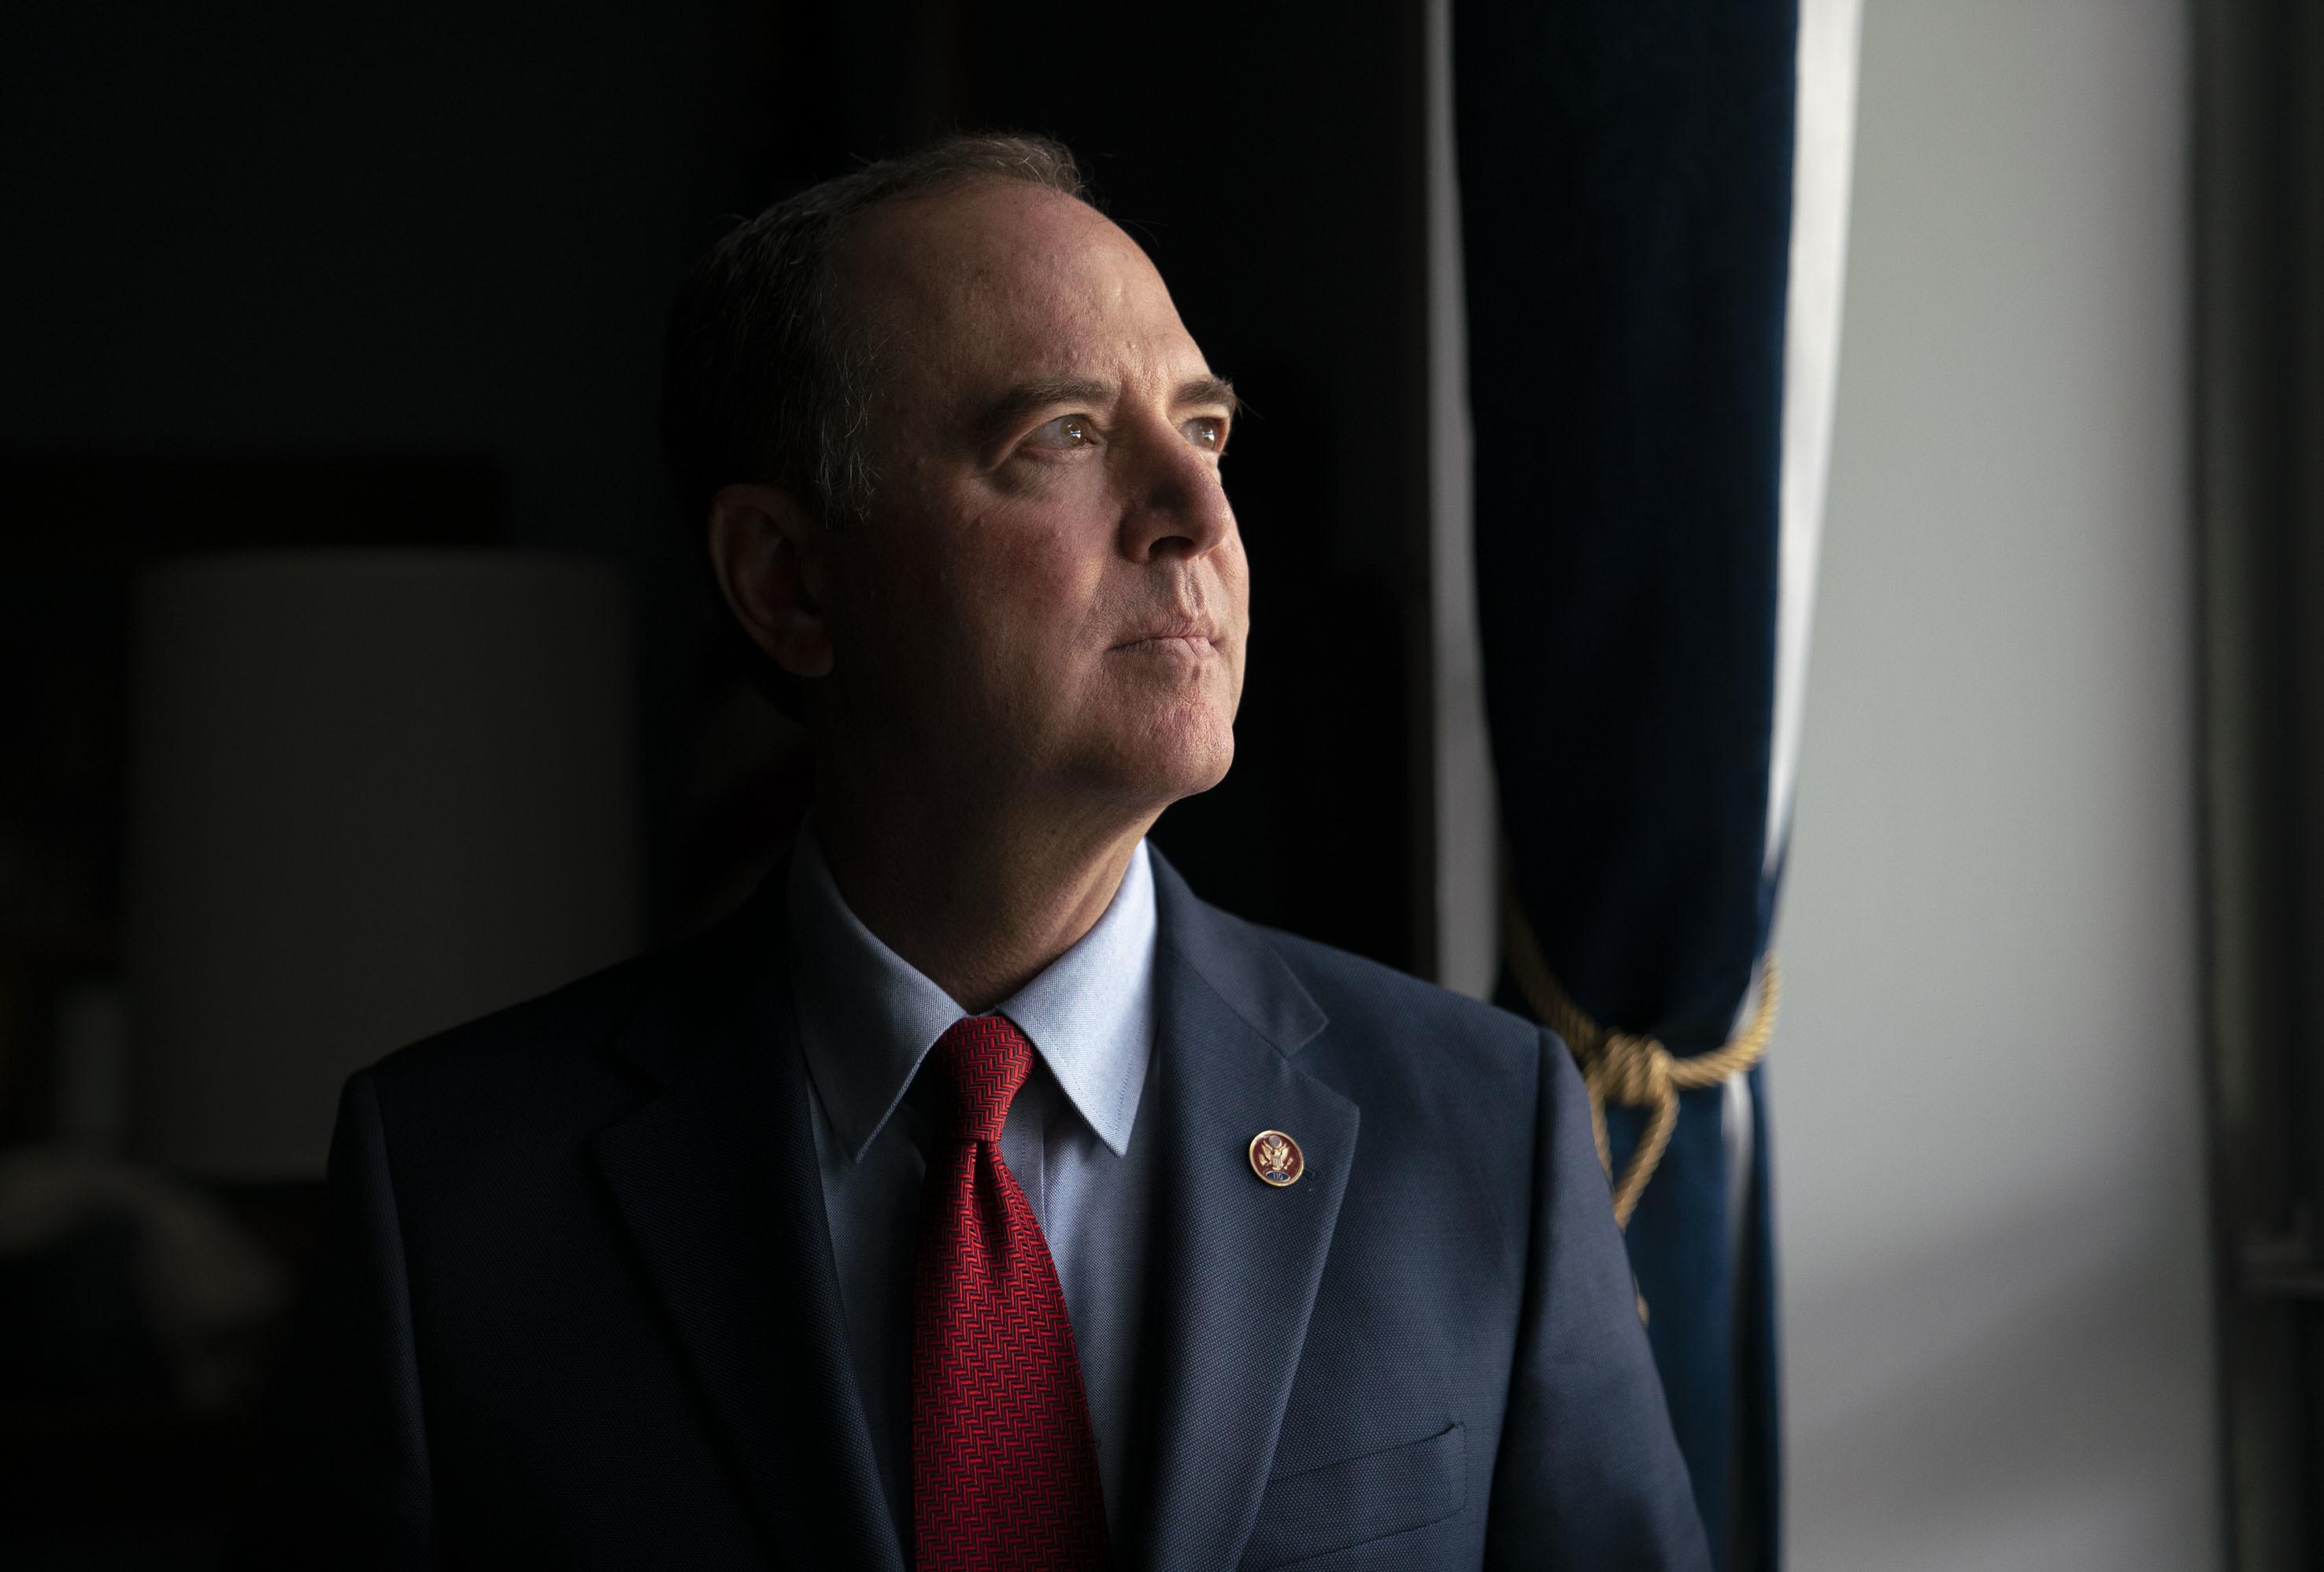 Rep. Adam Schiff: Trump's Potentially Impeachable Offenses Include Bribery